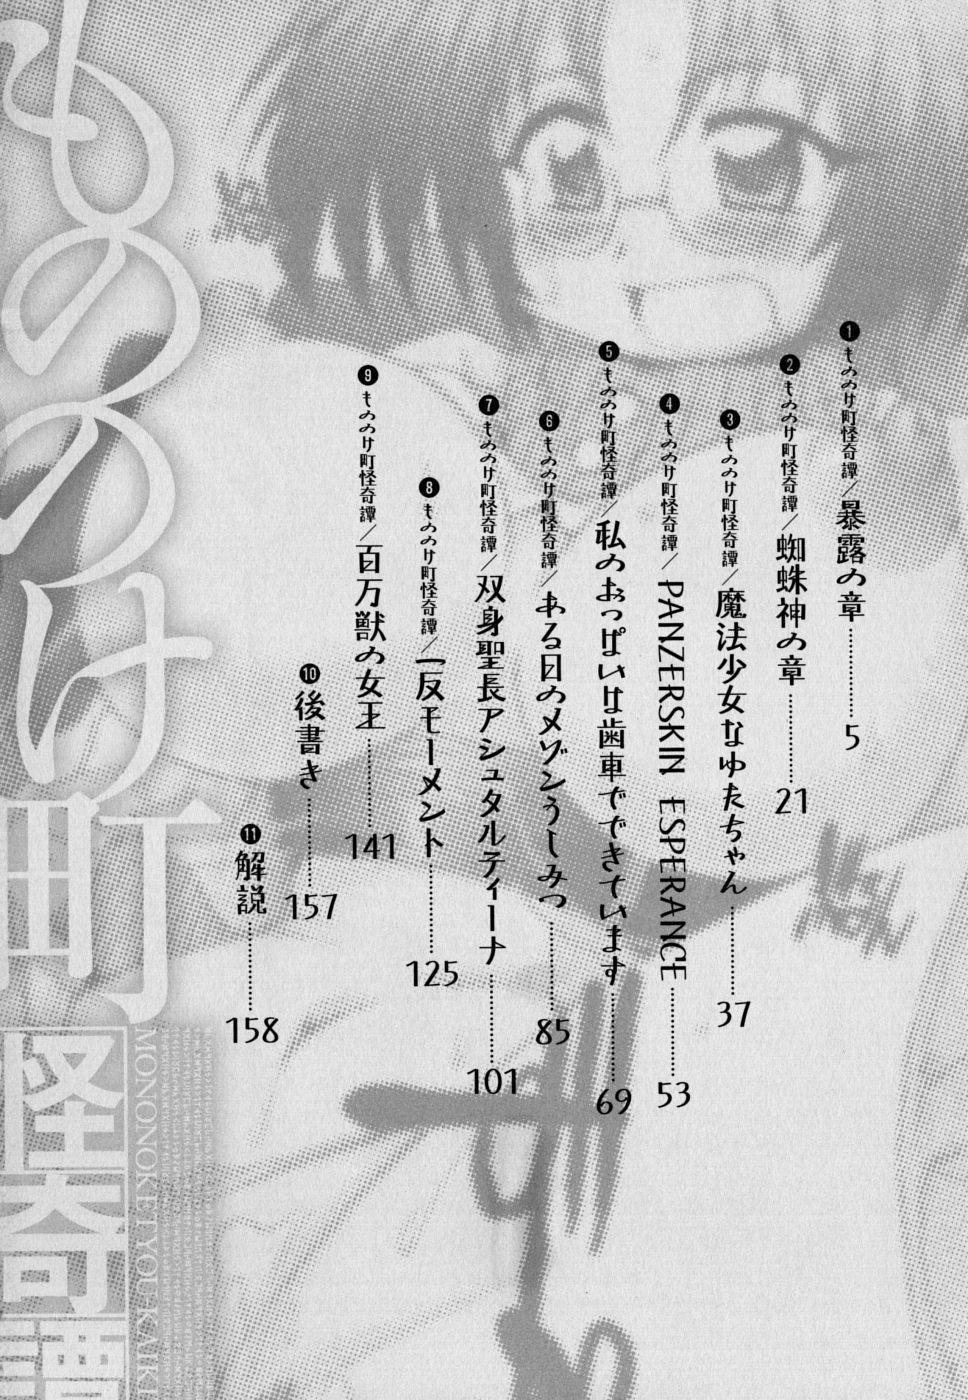 Mononoketyou-Kaikitan 4